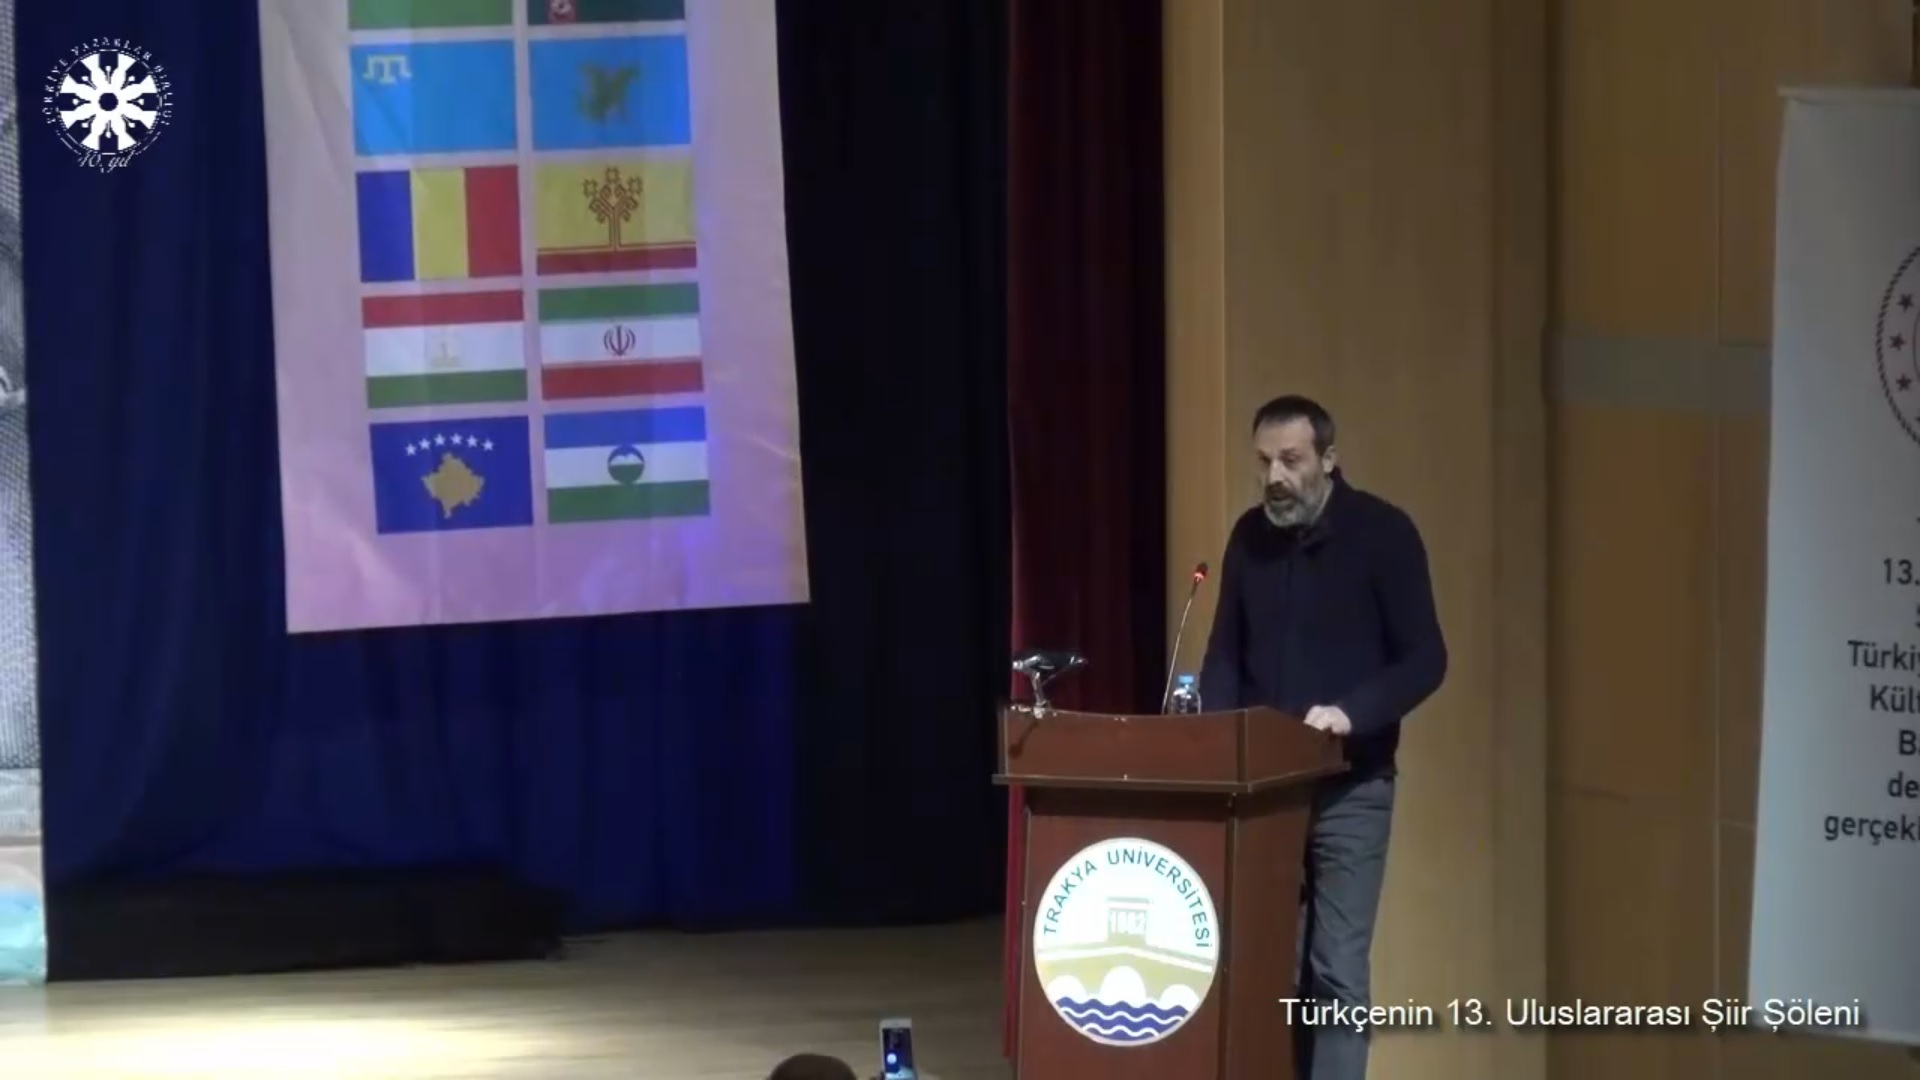 Sehend Şiir Faslı: Hakan Şarkdemir